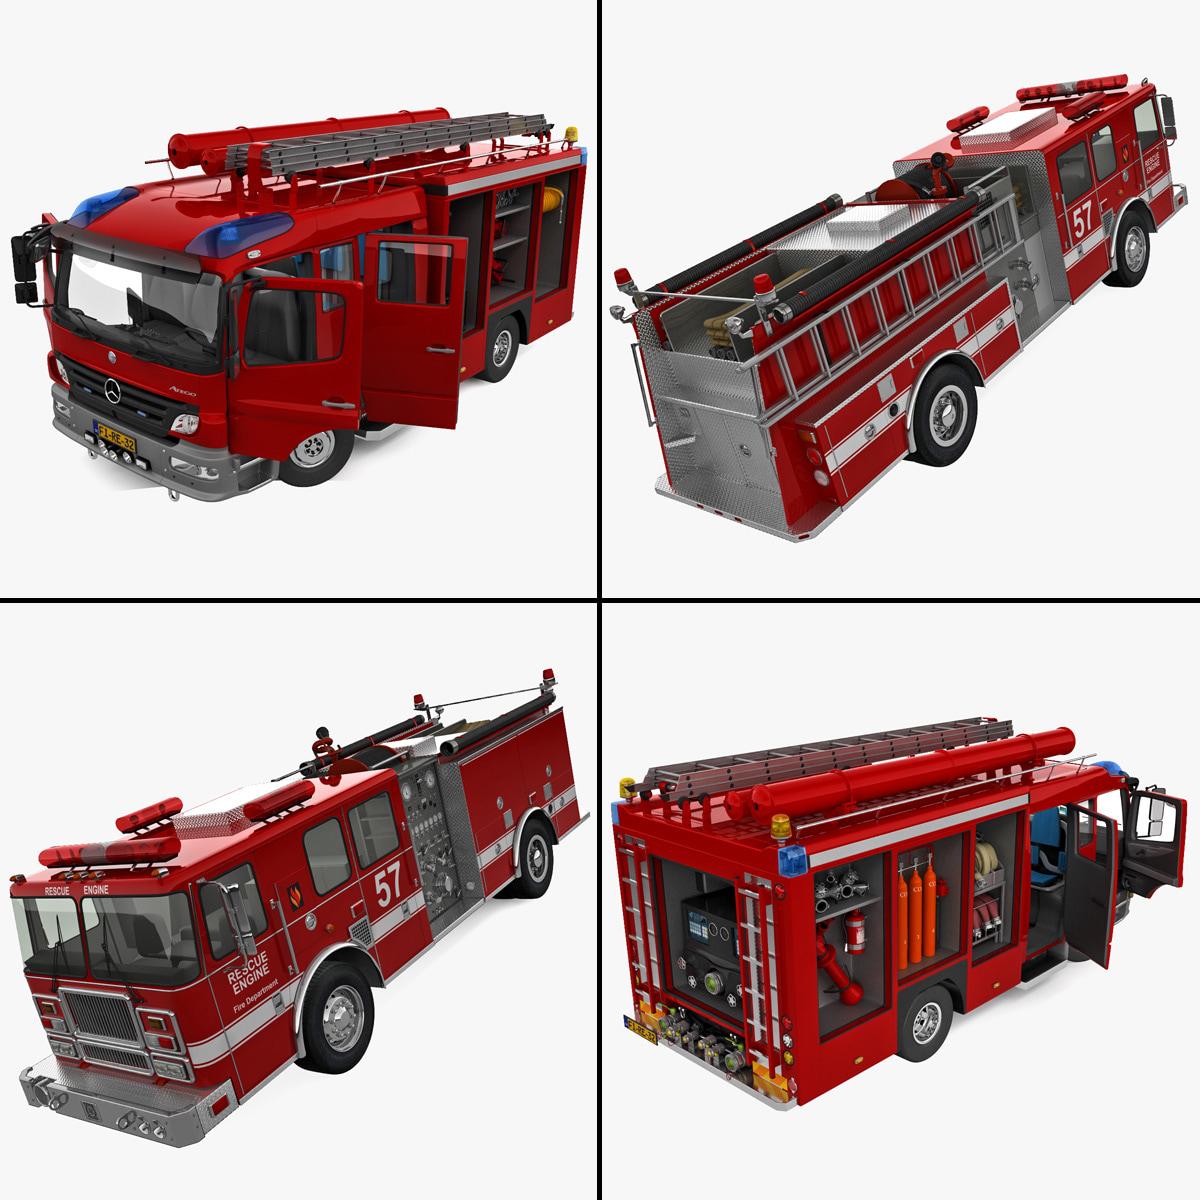 3d model of trucks mercedes modelled